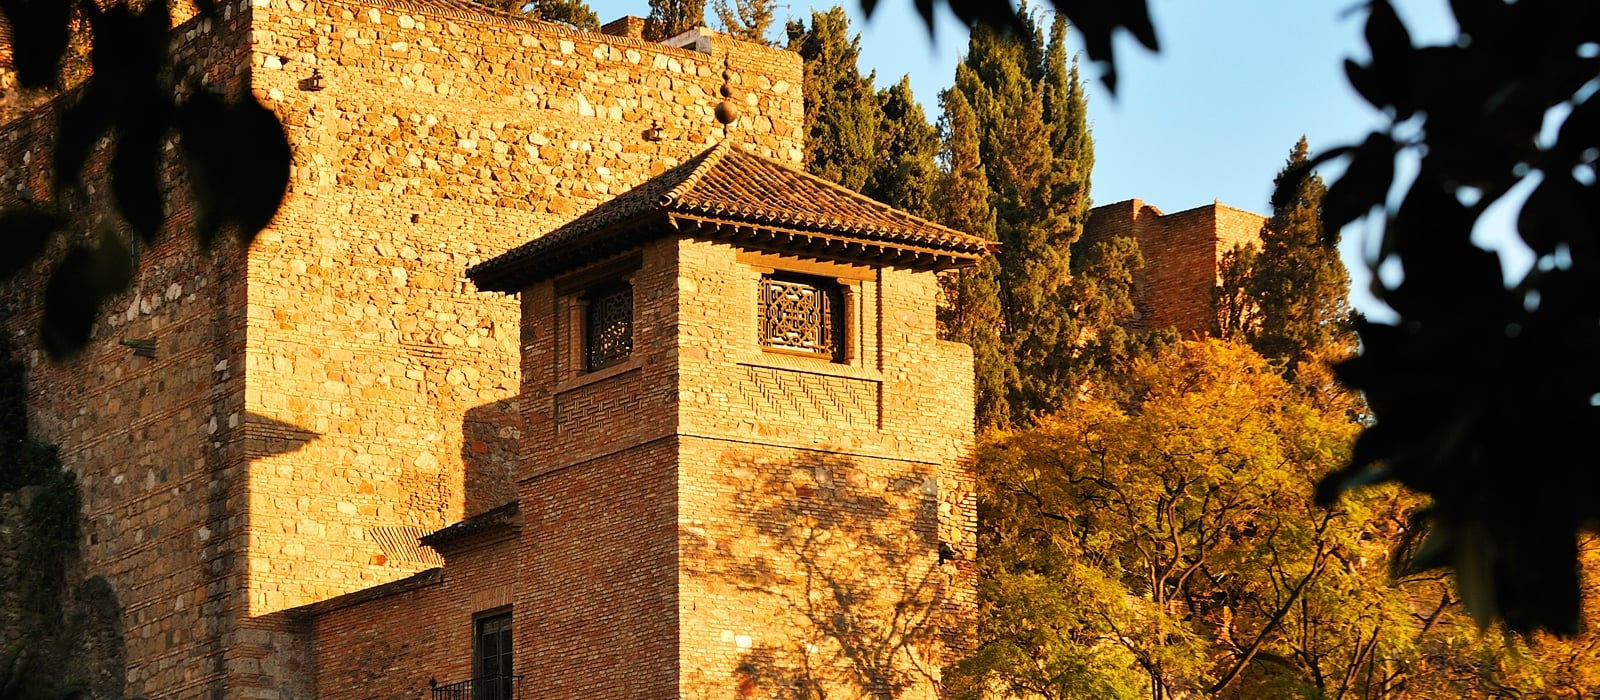 Málaga - Vincci Hoteles